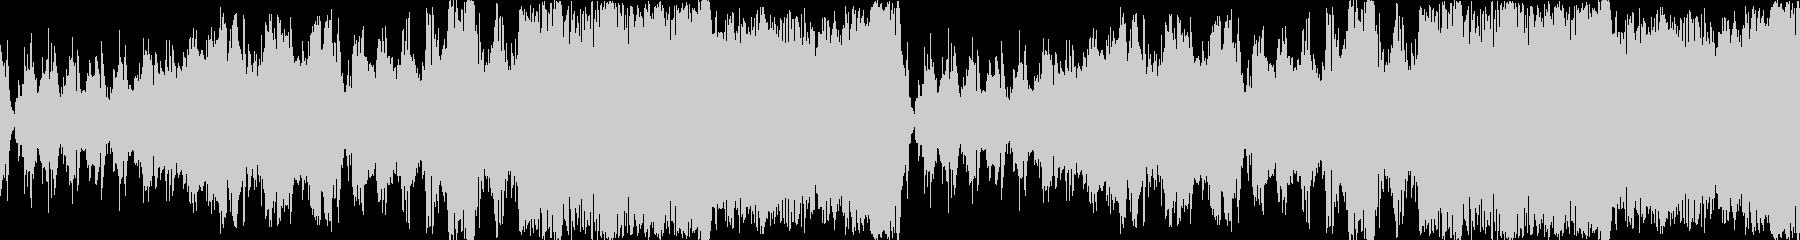 緊迫感あるローテンポオーケストラ、ループの未再生の波形